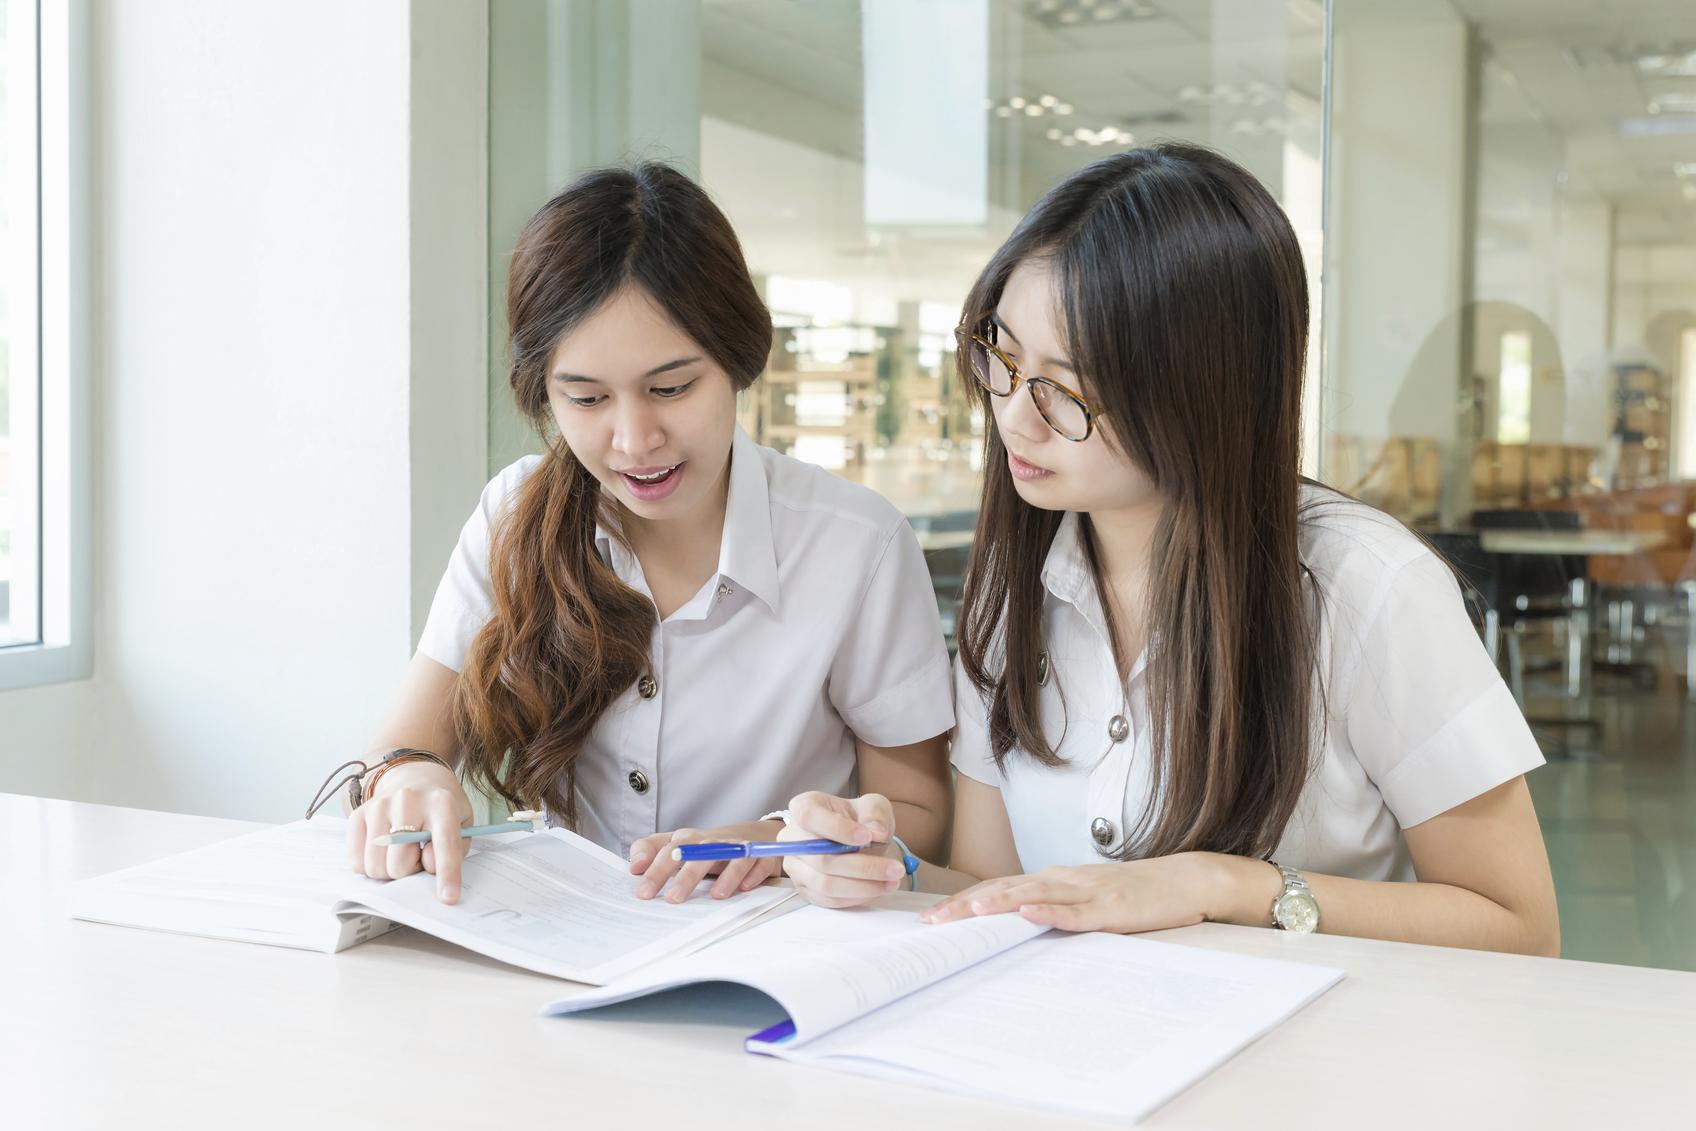 การเทียบวุฒิการศึกษาในประเทศและต่างประเทศ